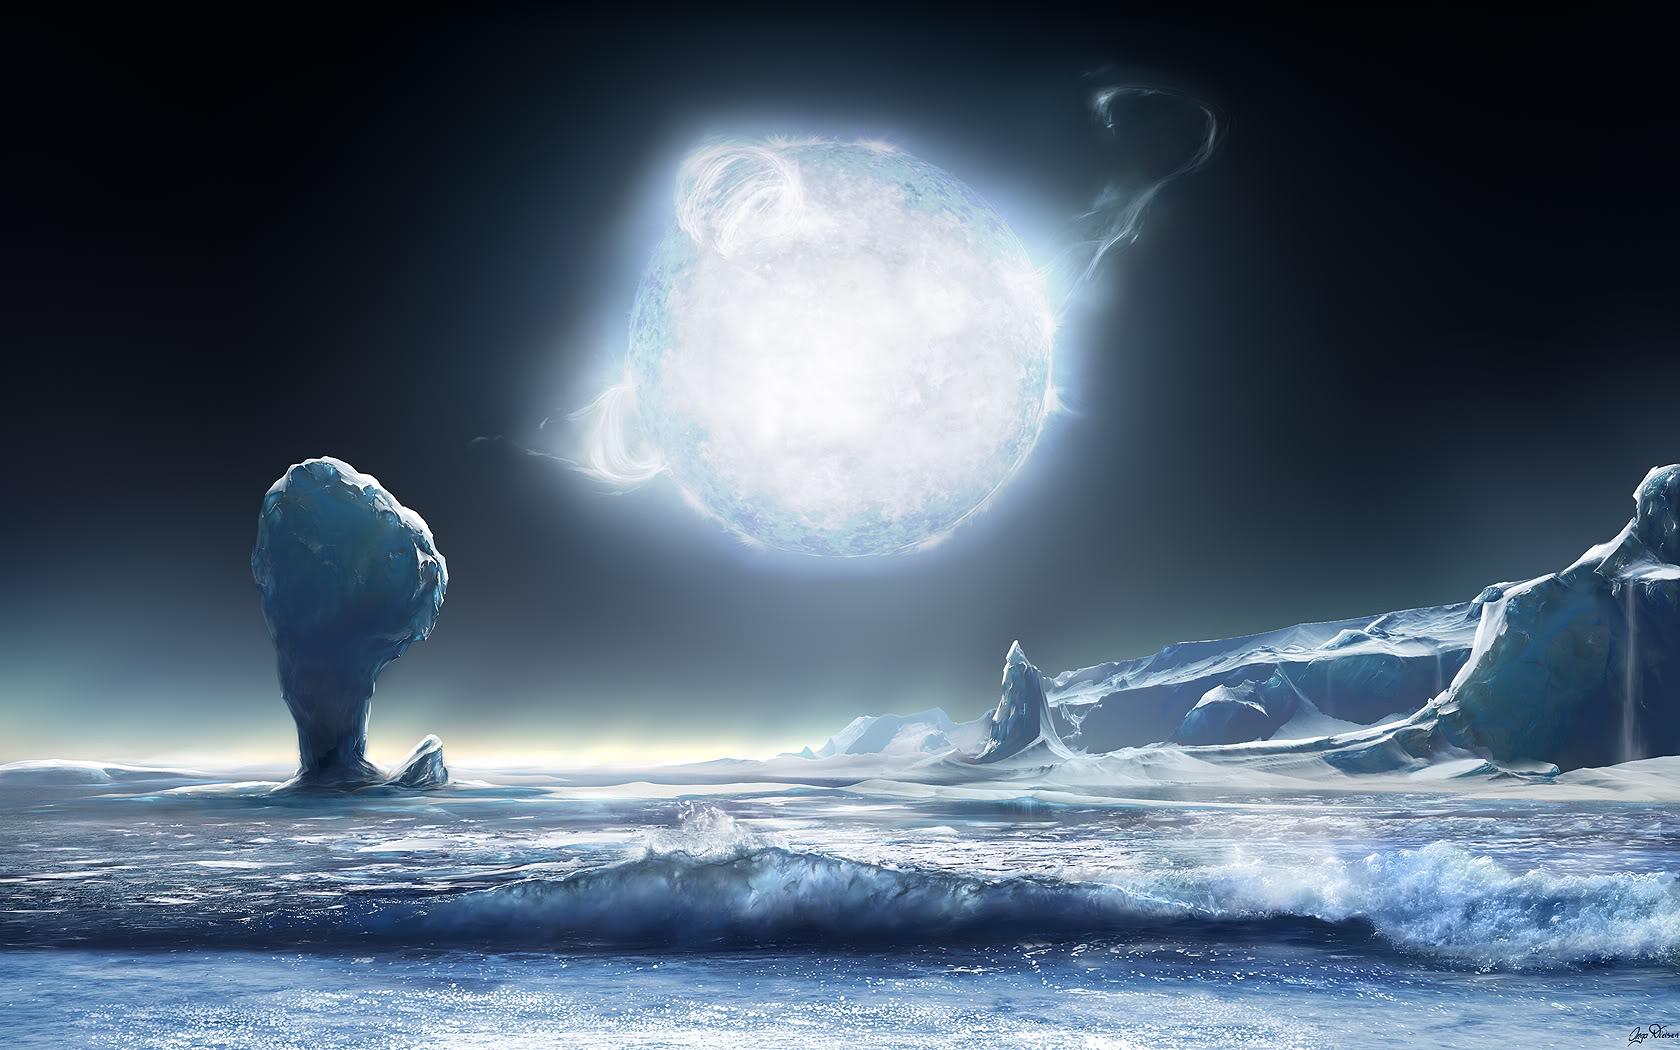 صورة خيال علمي لكوكب فضائي طبيعة خلابة